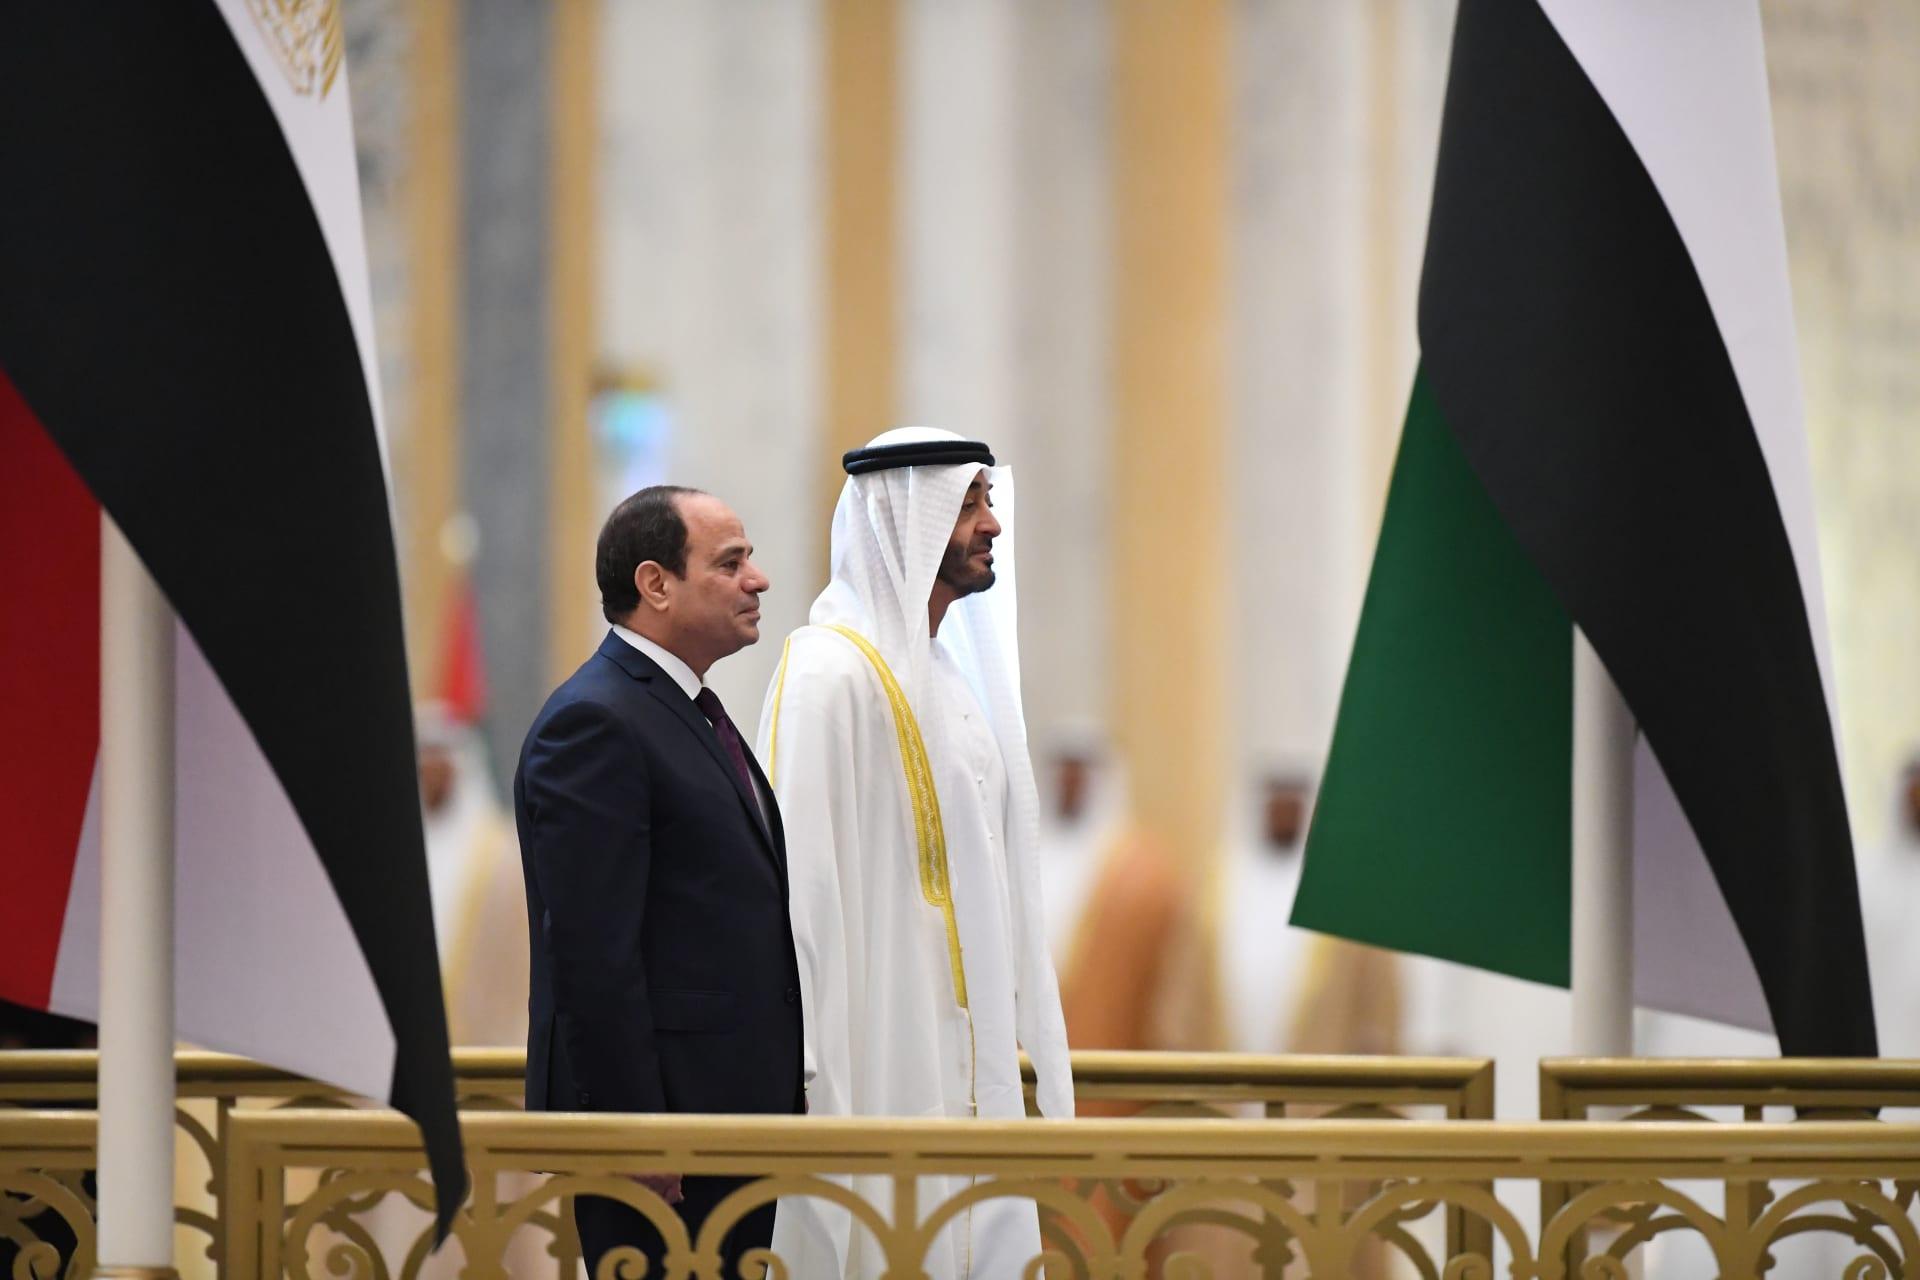 منصة جديدة للاستثمارات المشتركة بين مصر والإمارات بقيمة 20 مليار دولار